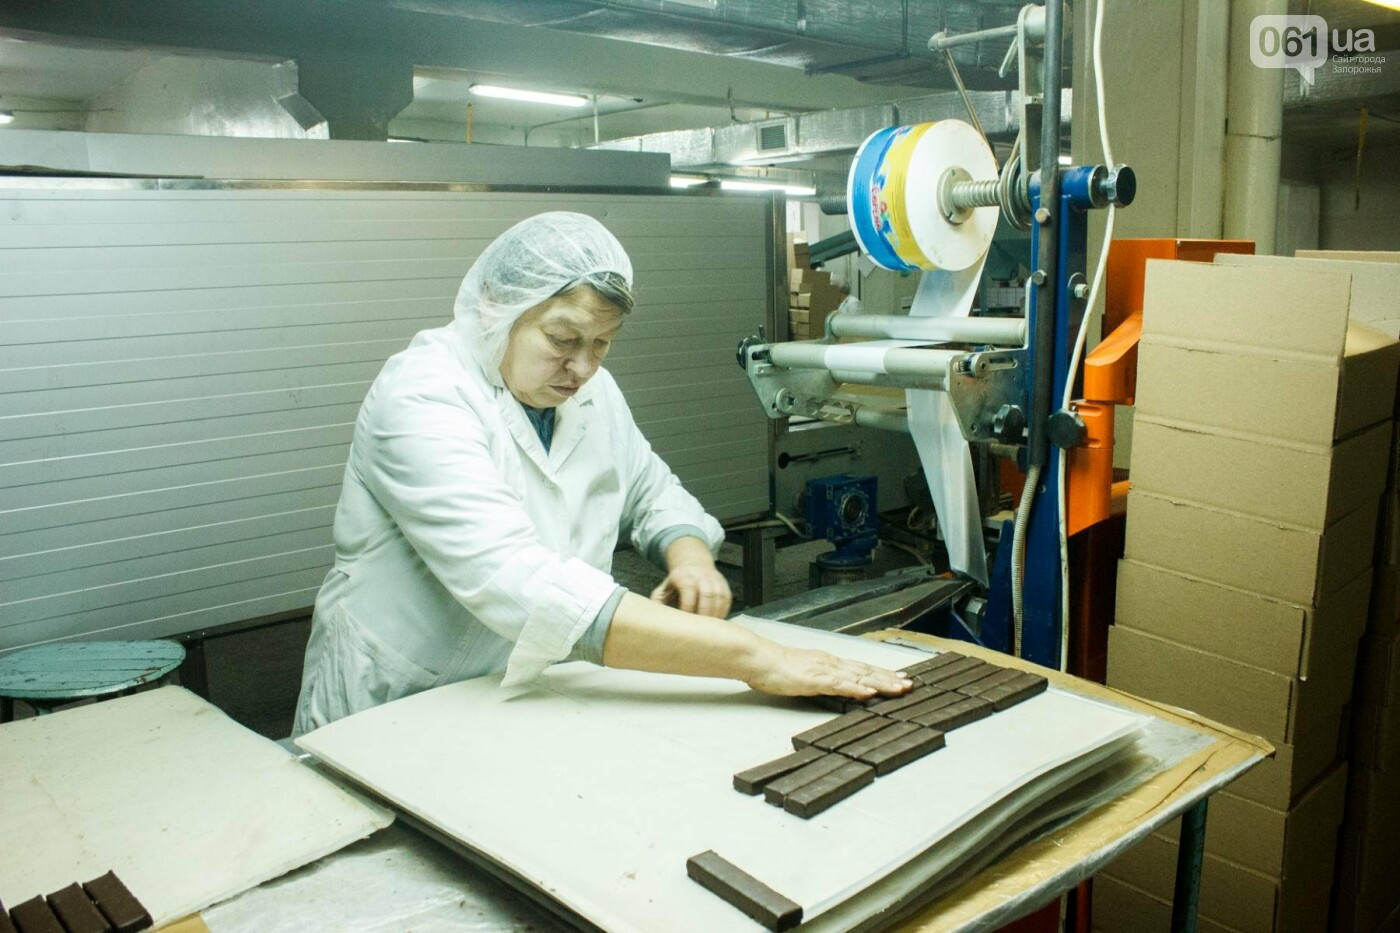 Как в Запорожье делают конфеты: экскурсия на кондитерскую фабрику, – ФОТОРЕПОРТАЖ, фото-12